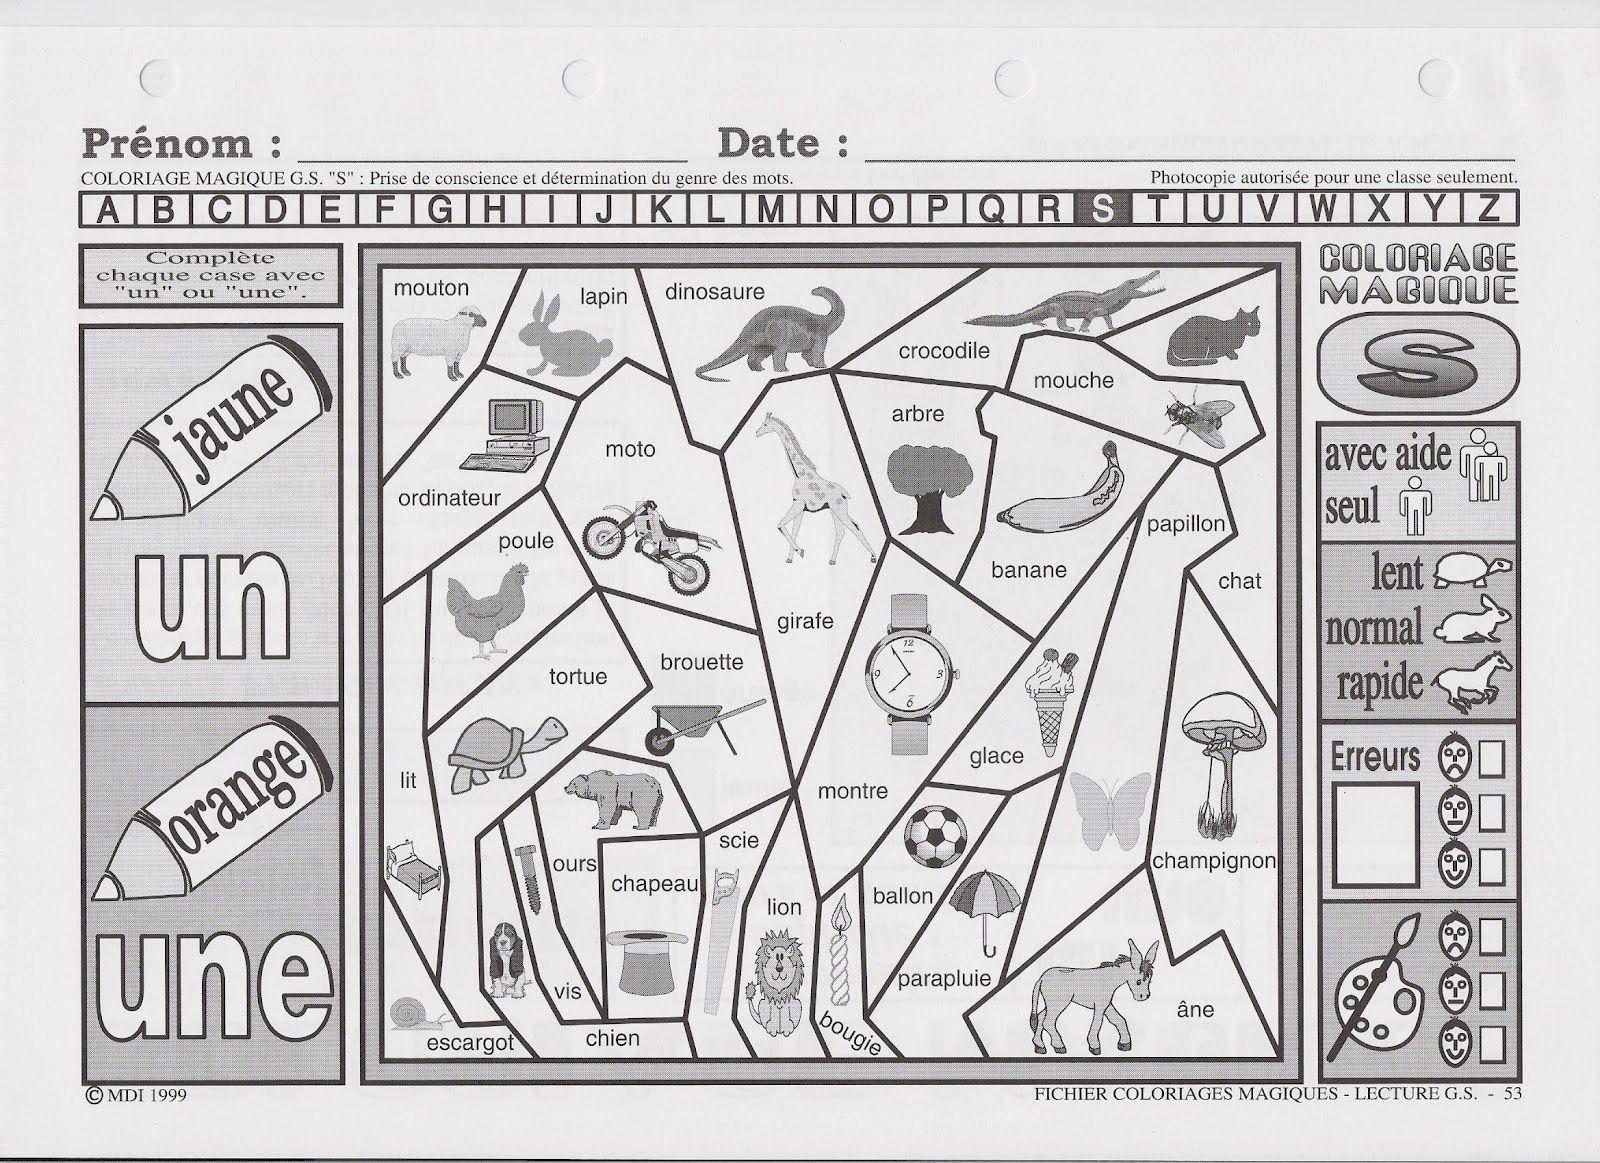 un une coloriage magique 1600—1163